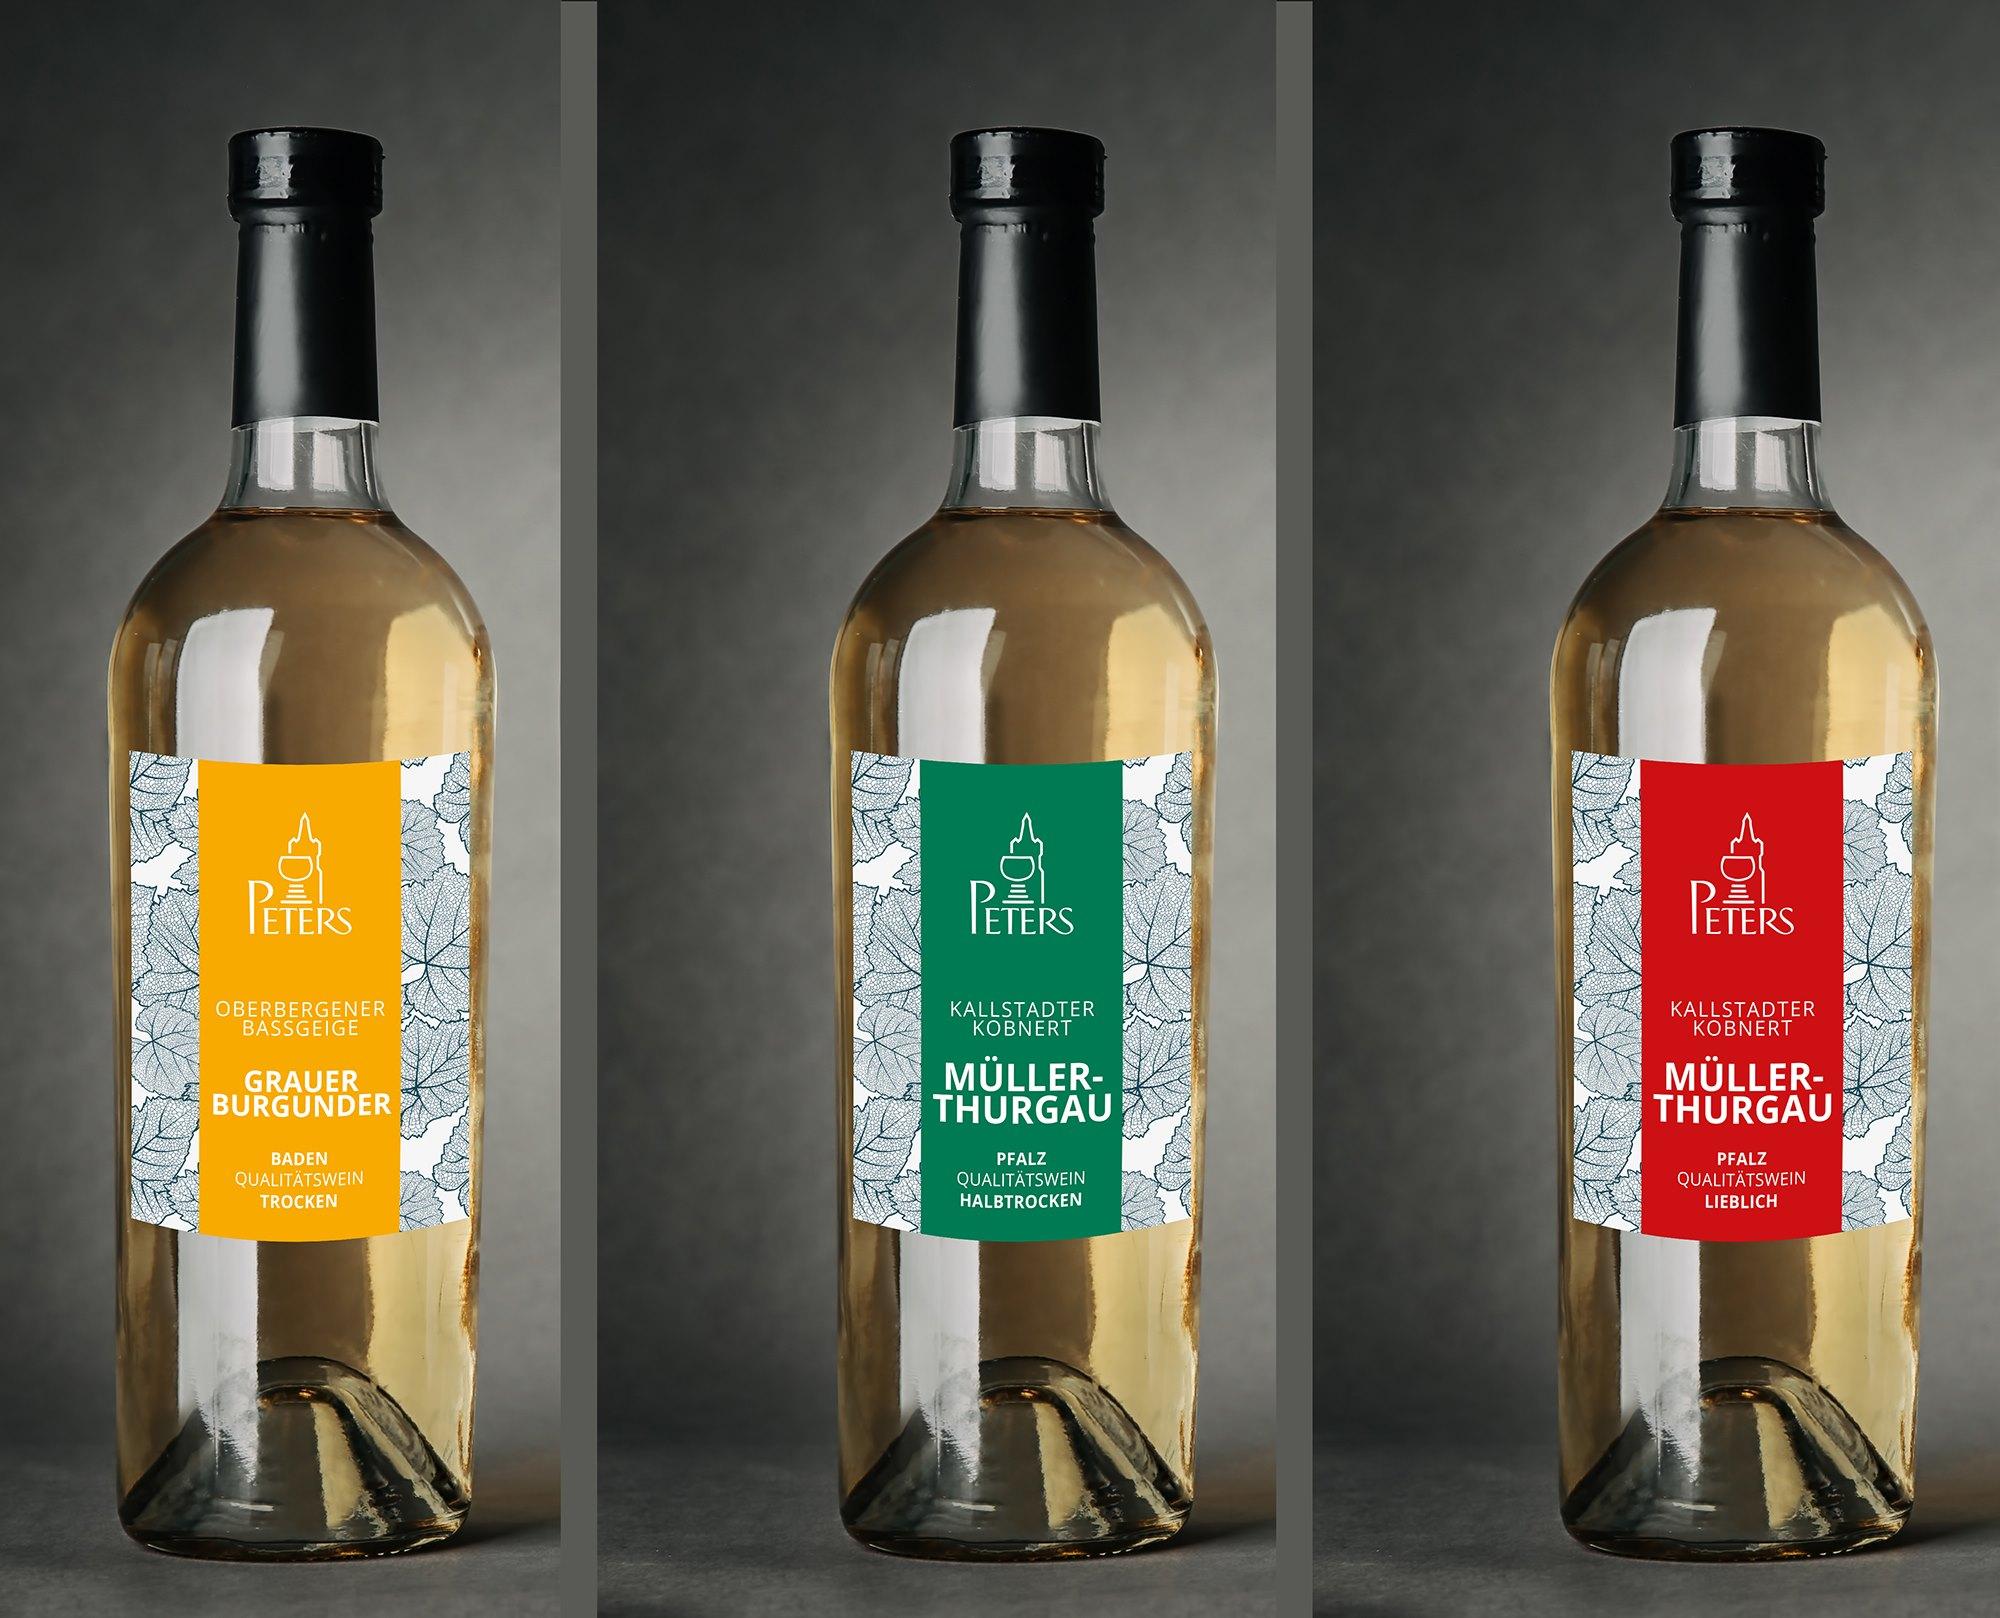 Wein Peters, Gestaltung Weißweinetikett, Etiketten-Design